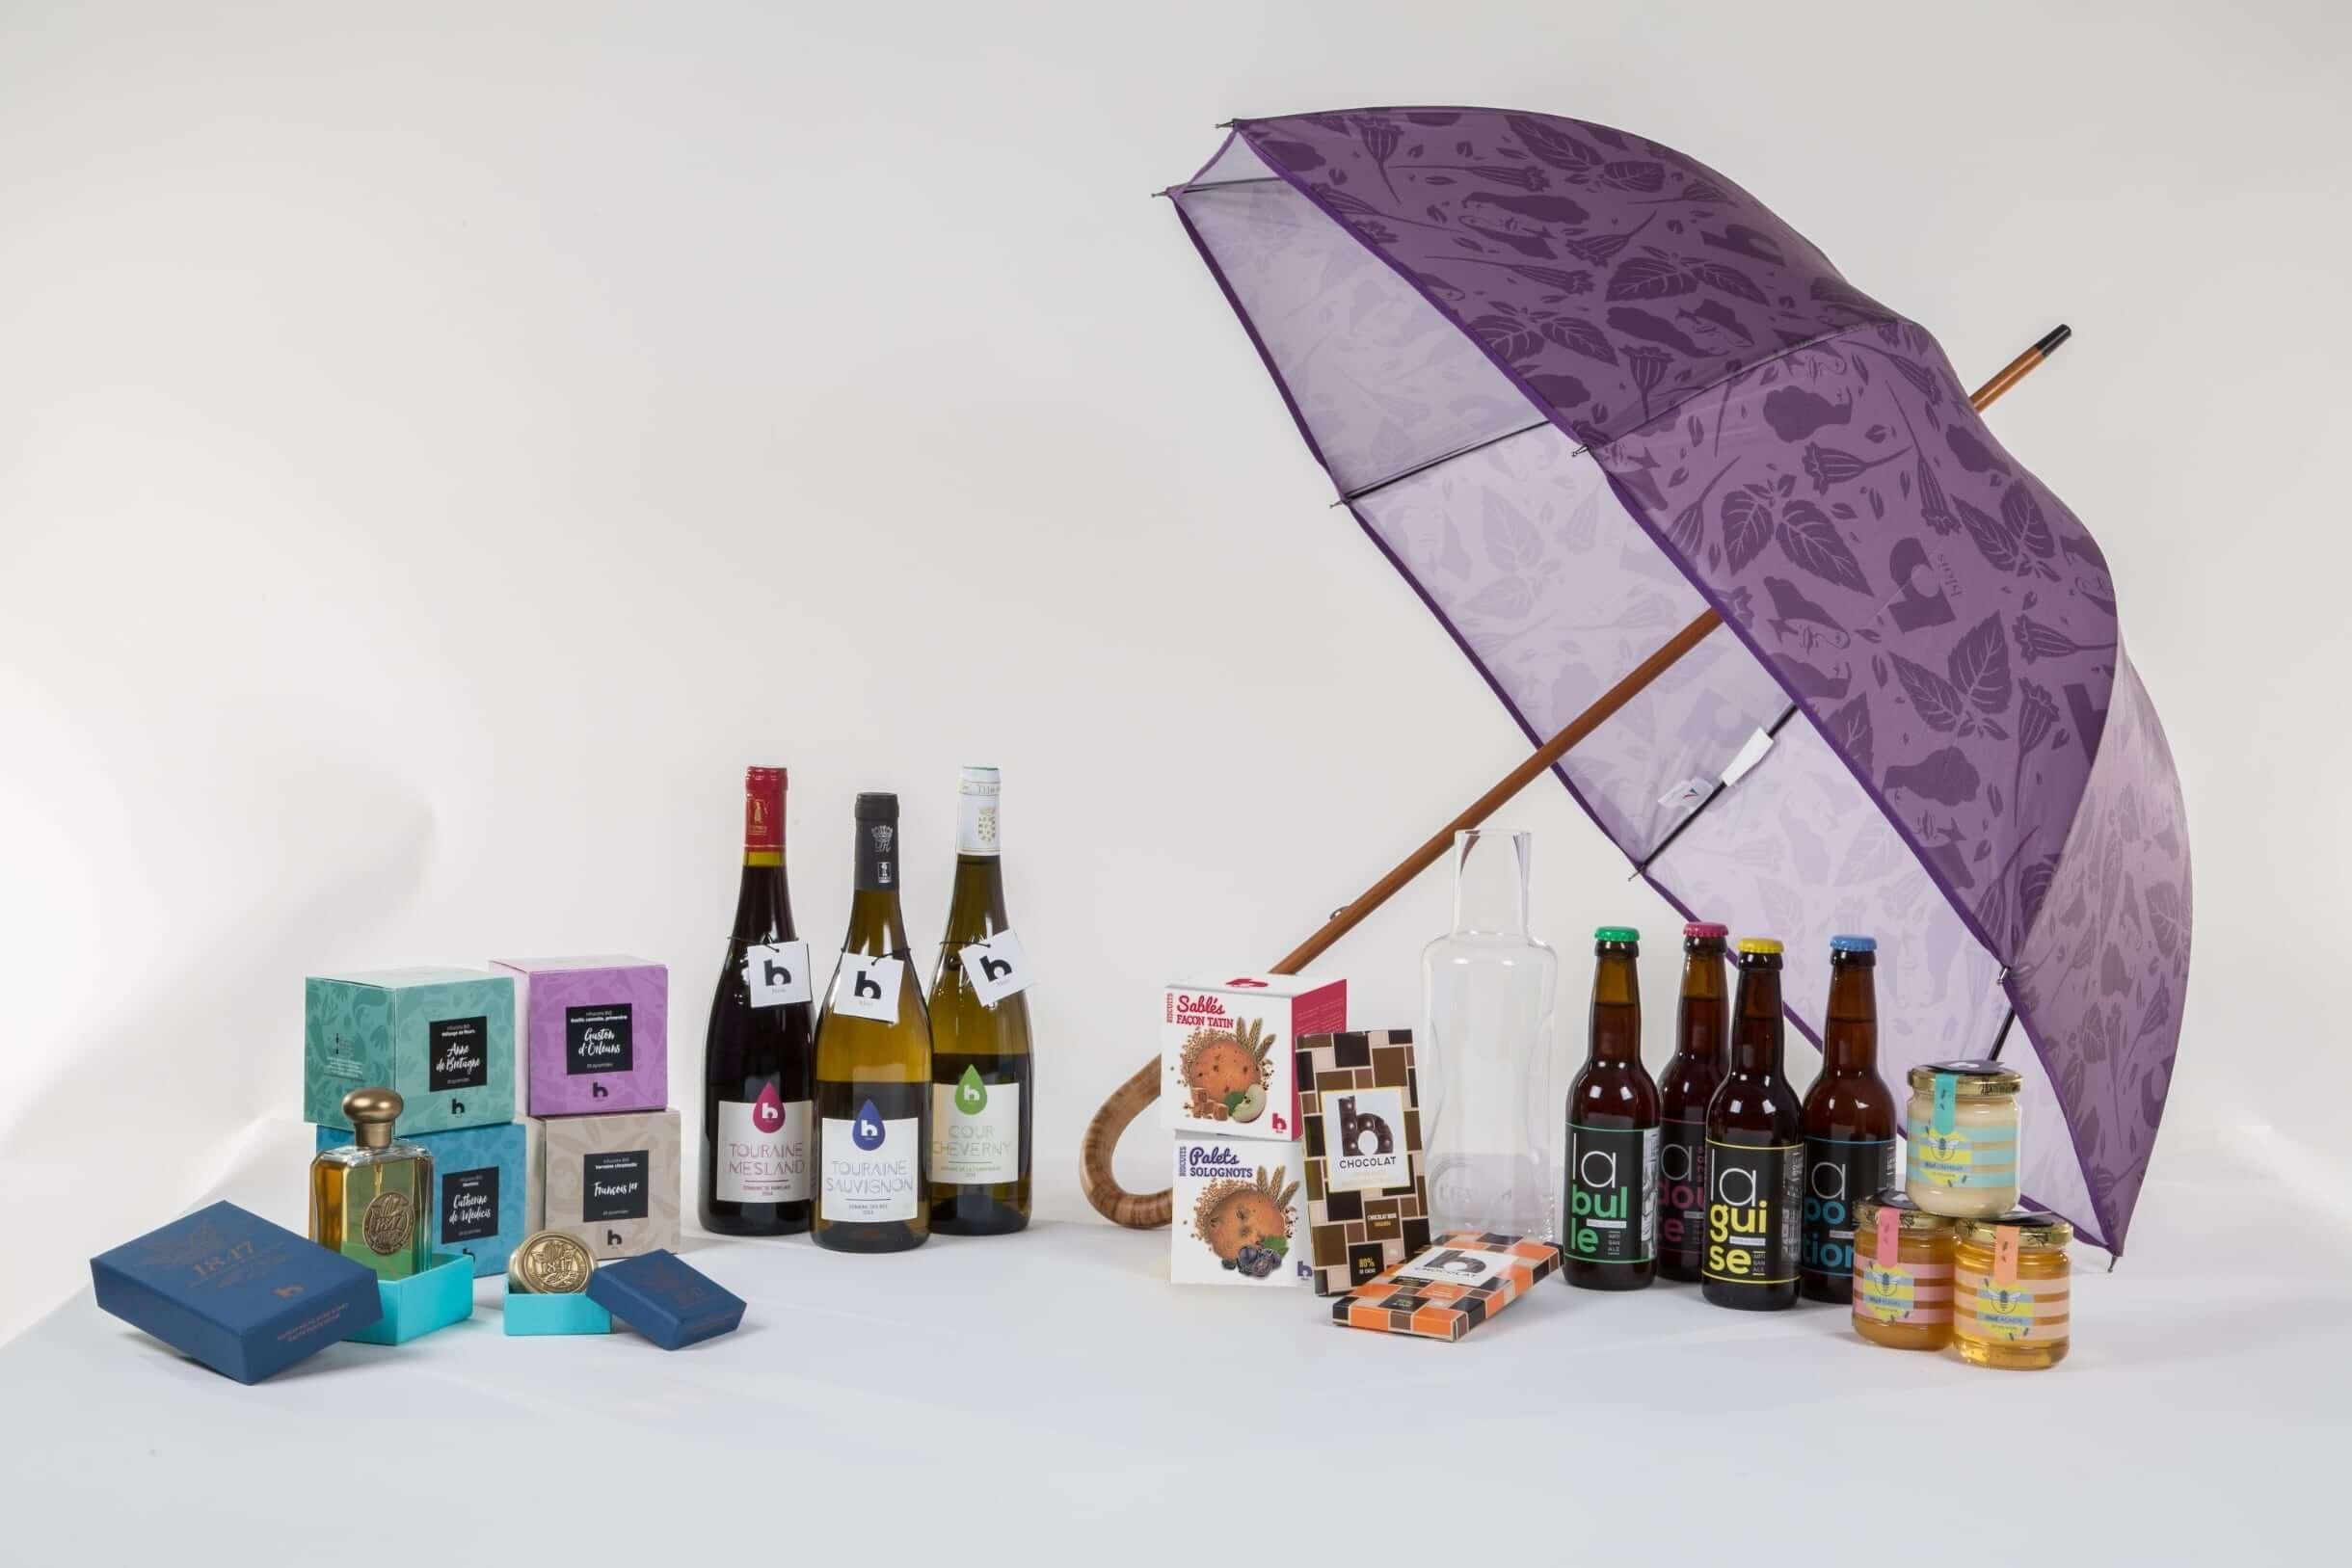 Gamme des produits b-blois : parfum, infusions, vin, parapluie, biscuits, chocolat, bière et miel.